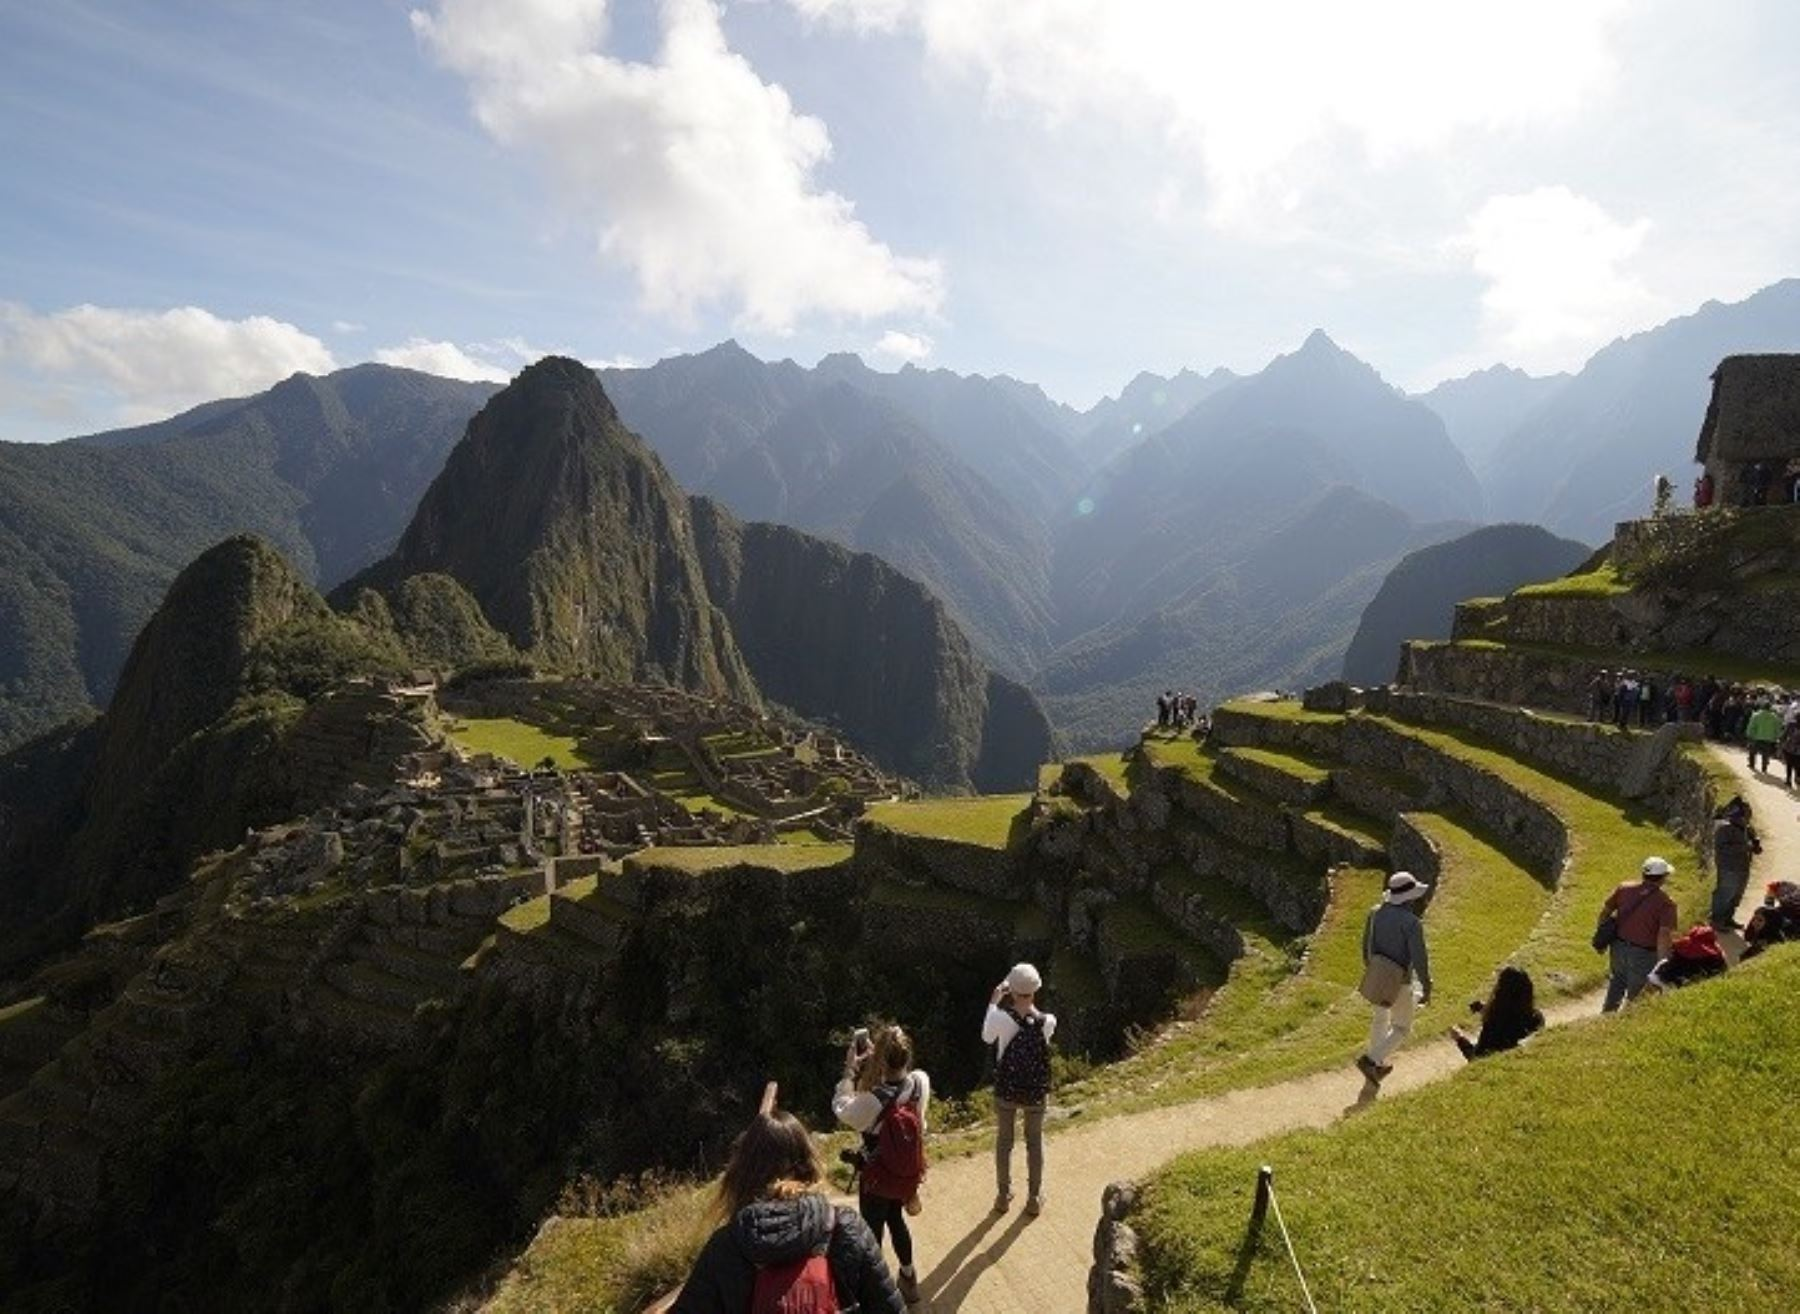 El aforo máximo al Santuario Histórico y Parque Arqueológico de Machu Picchu volvió a situarse en 675 visitantes diarios, equivalente al 30% del total, desde el pasado lunes 19 de abril. Así lo establecen las nuevas medidas dispuestas por el Gobierno para las visitas a sitios arqueológicos ubicados en provincias con nivel de alerta extremo de contagio frente al covid-19. ANDINA/Difusión